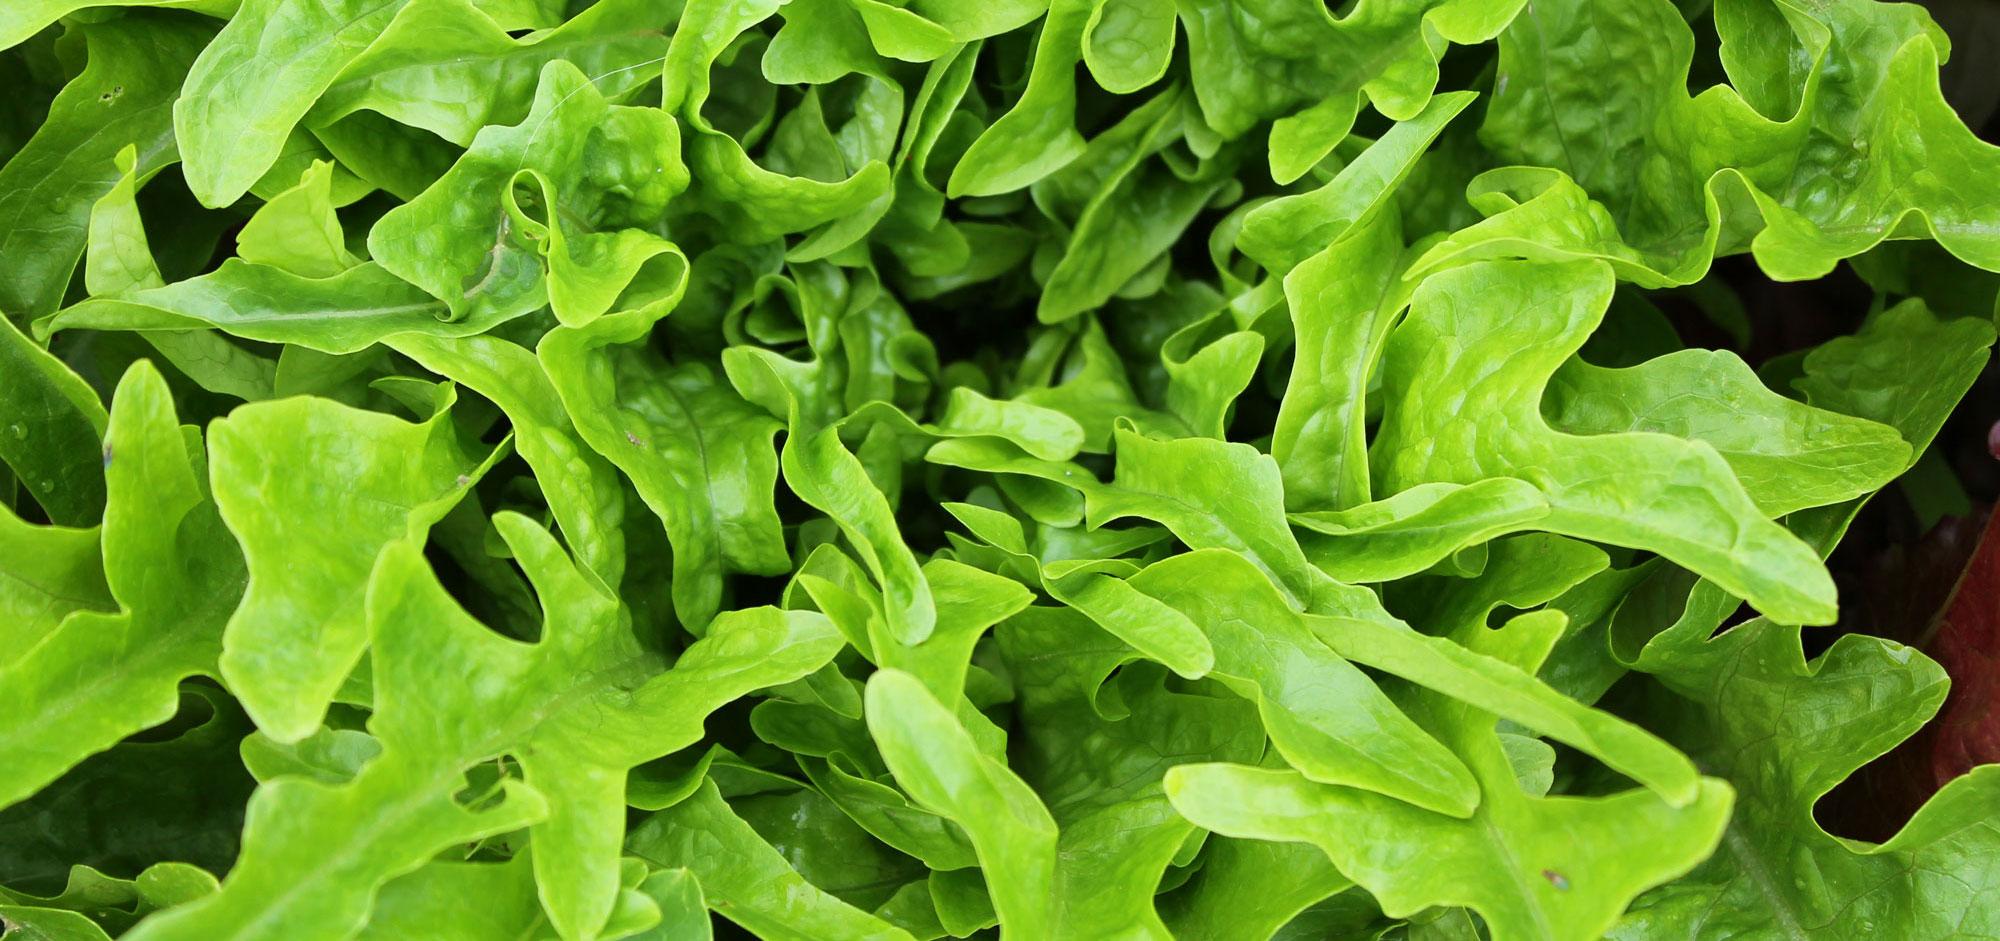 lettuce-green_0492